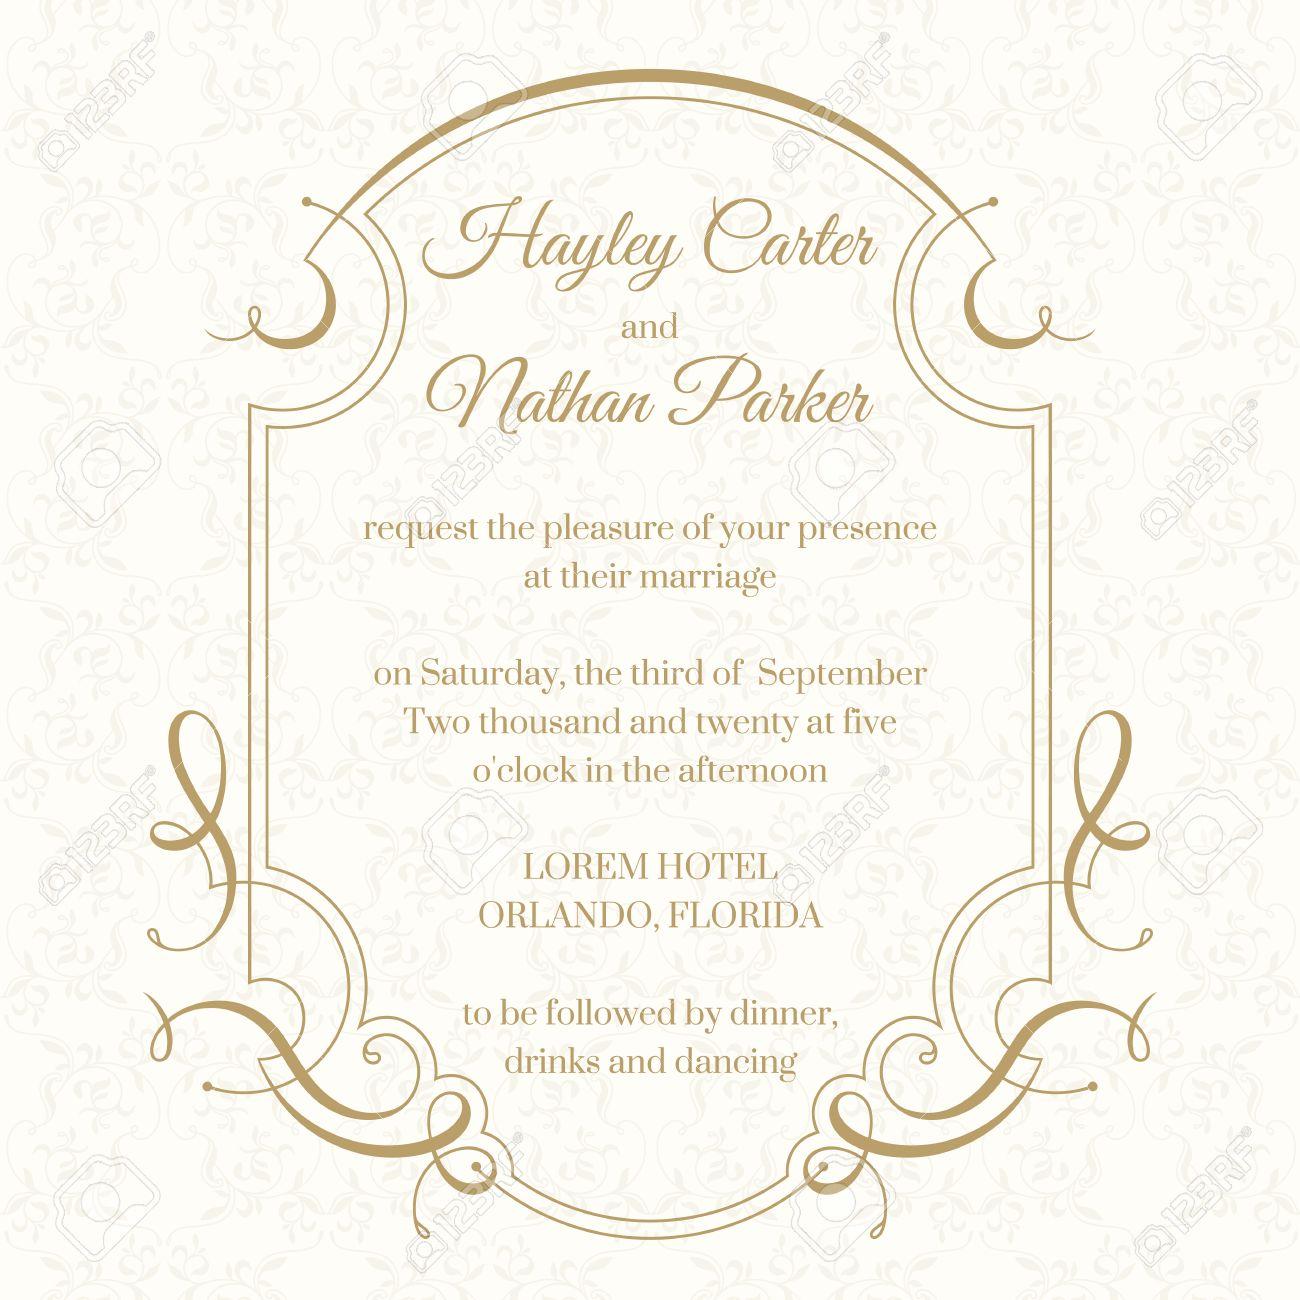 Groß Vorlage Hochzeitseinladungen Galerie - Entry Level Resume ...